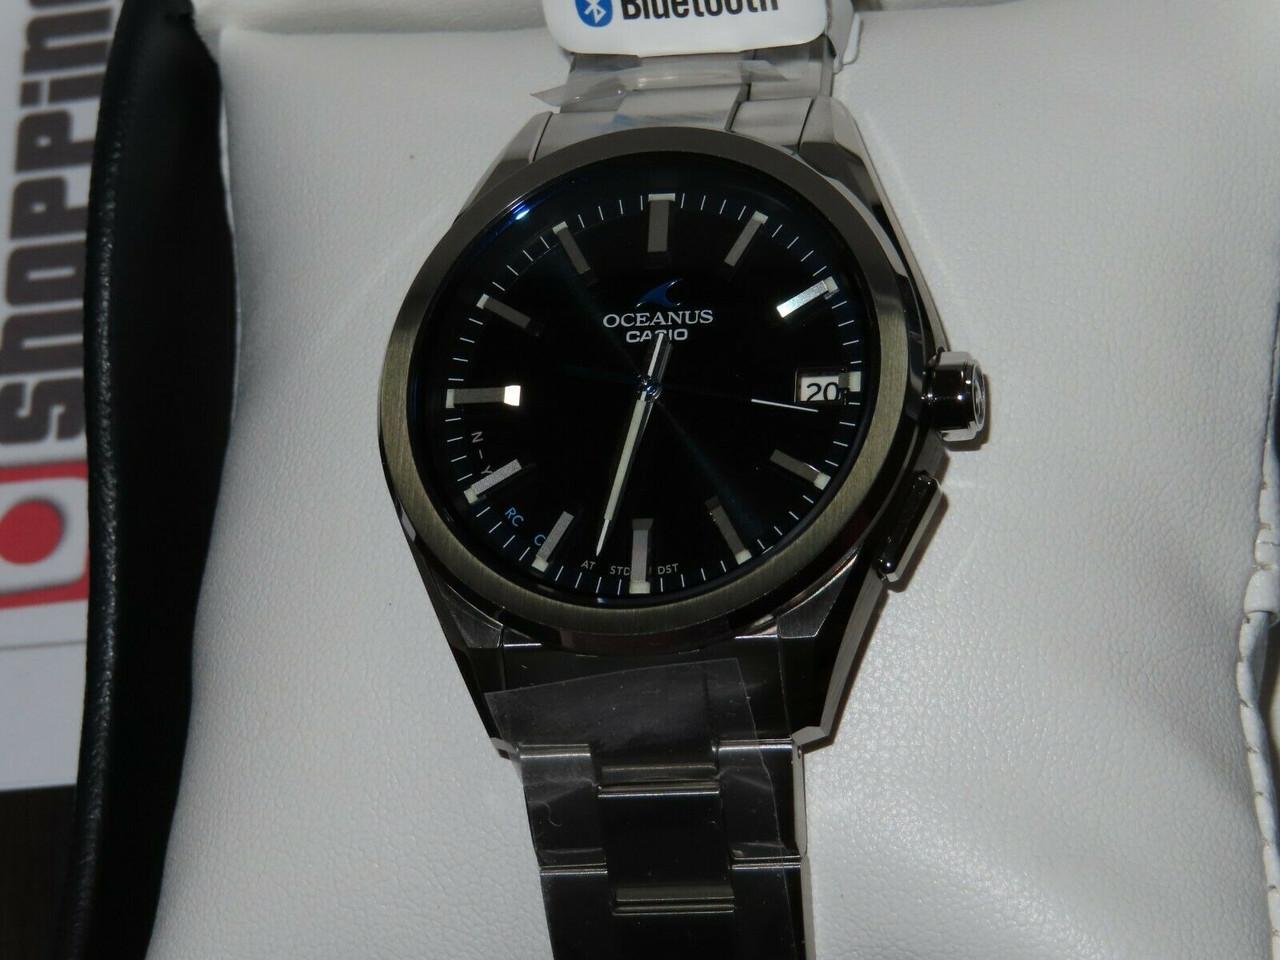 Casio Oceanus OCW-T200S-1AJF